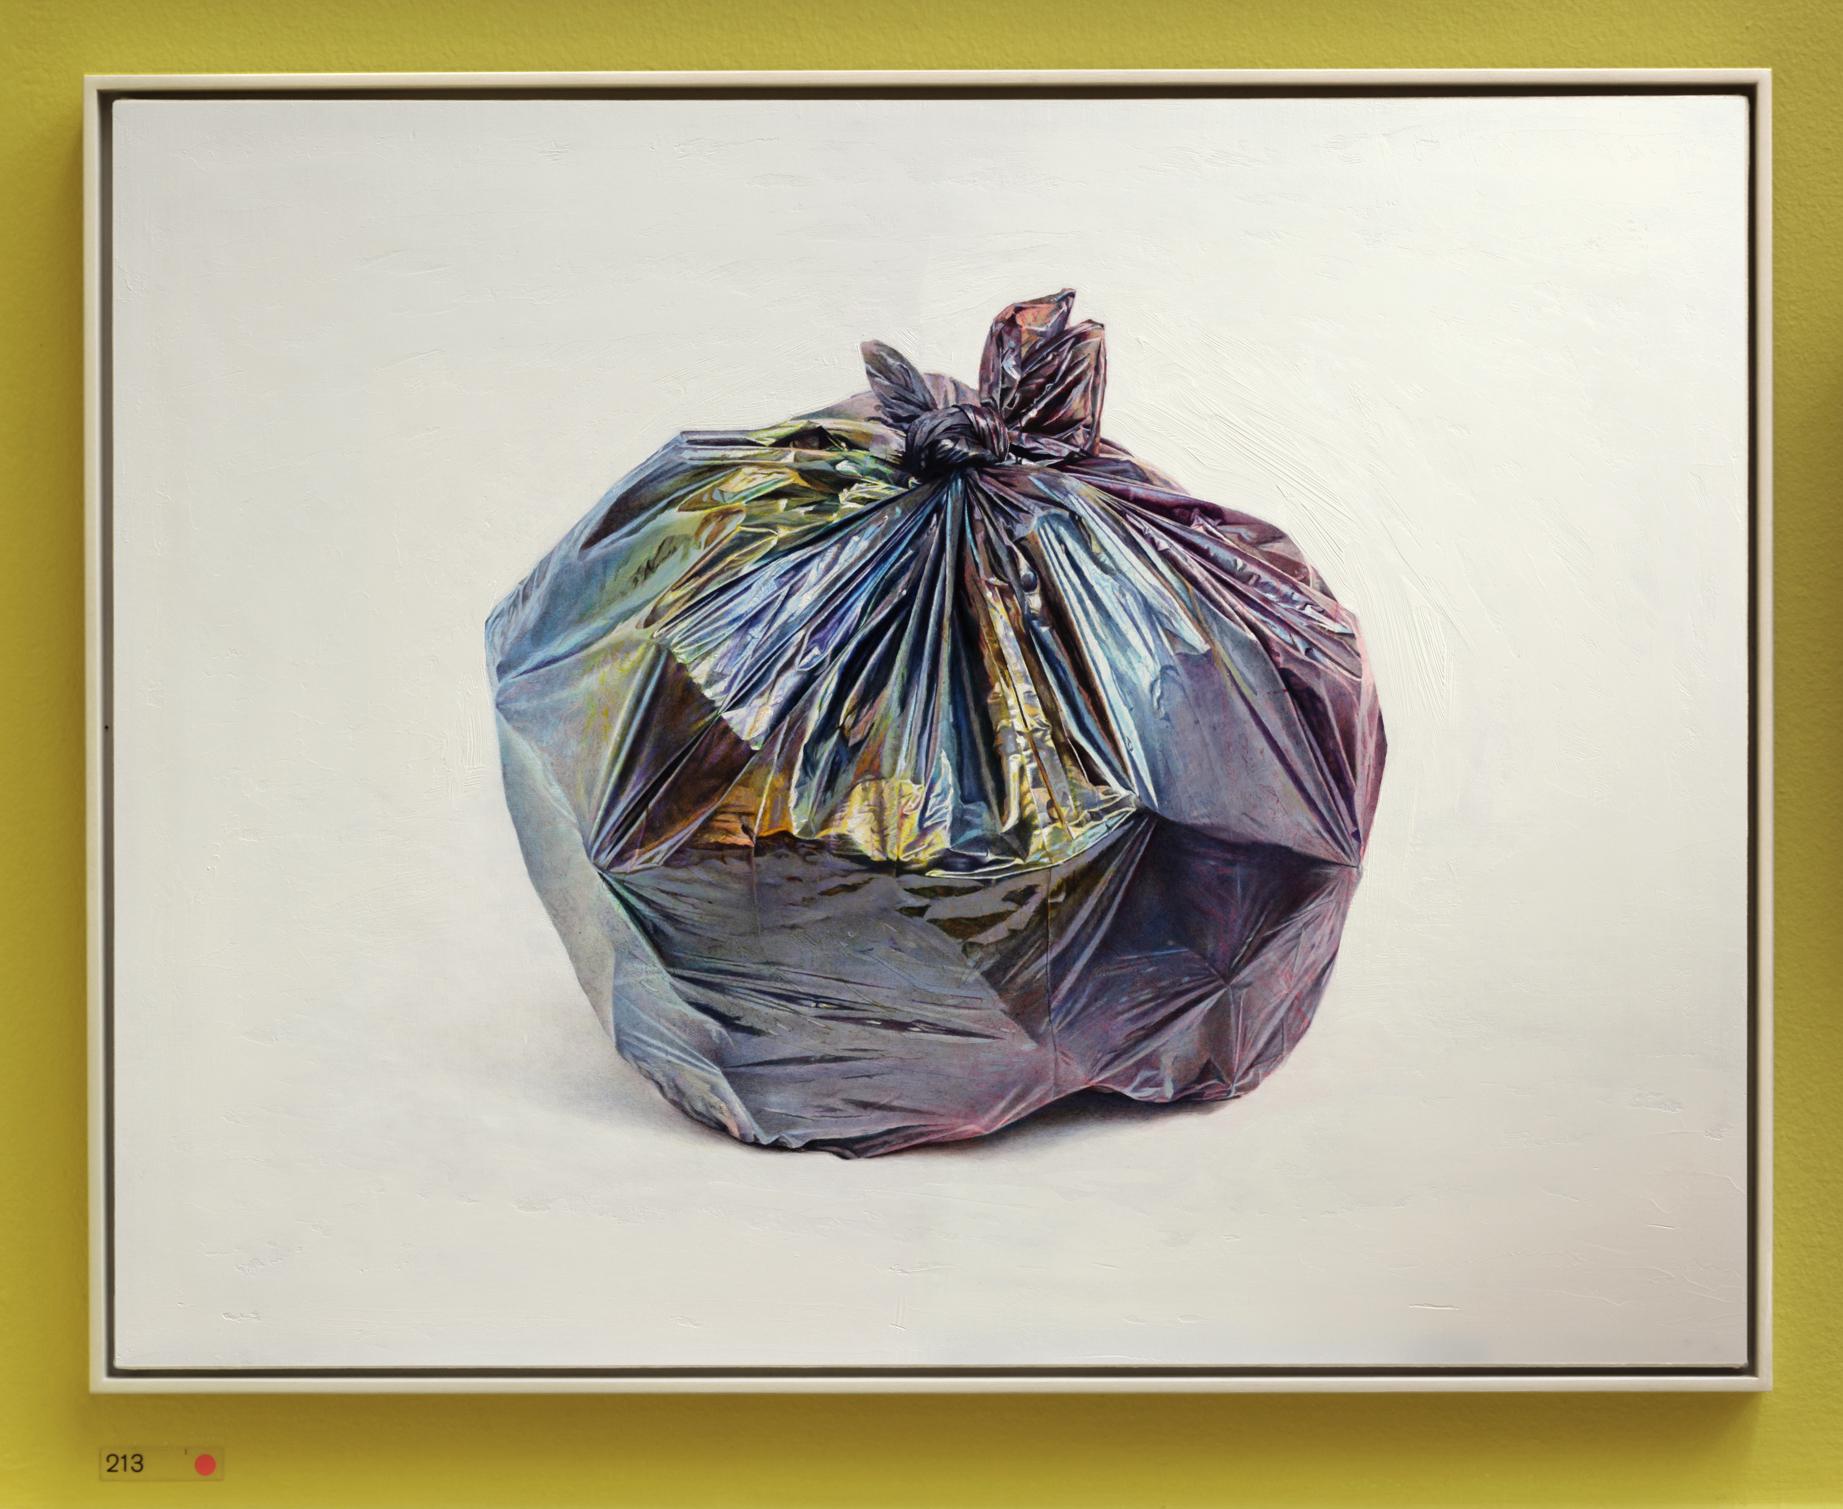 David Agenjo - Bin Bag